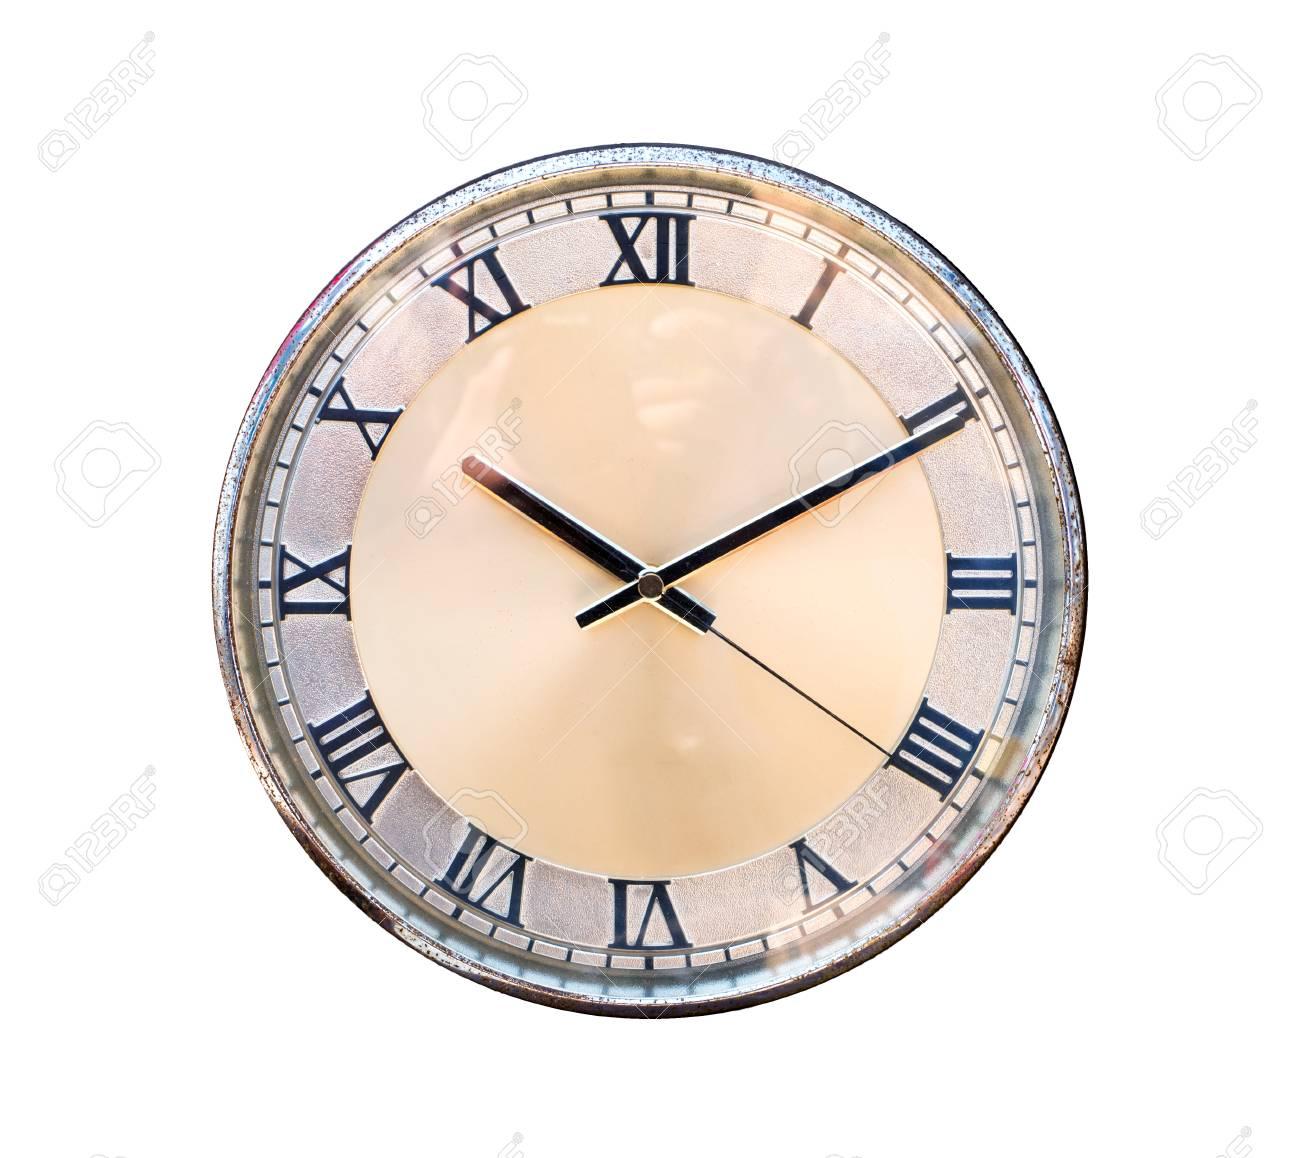 Relojes antiguos, vintage y diseño retro